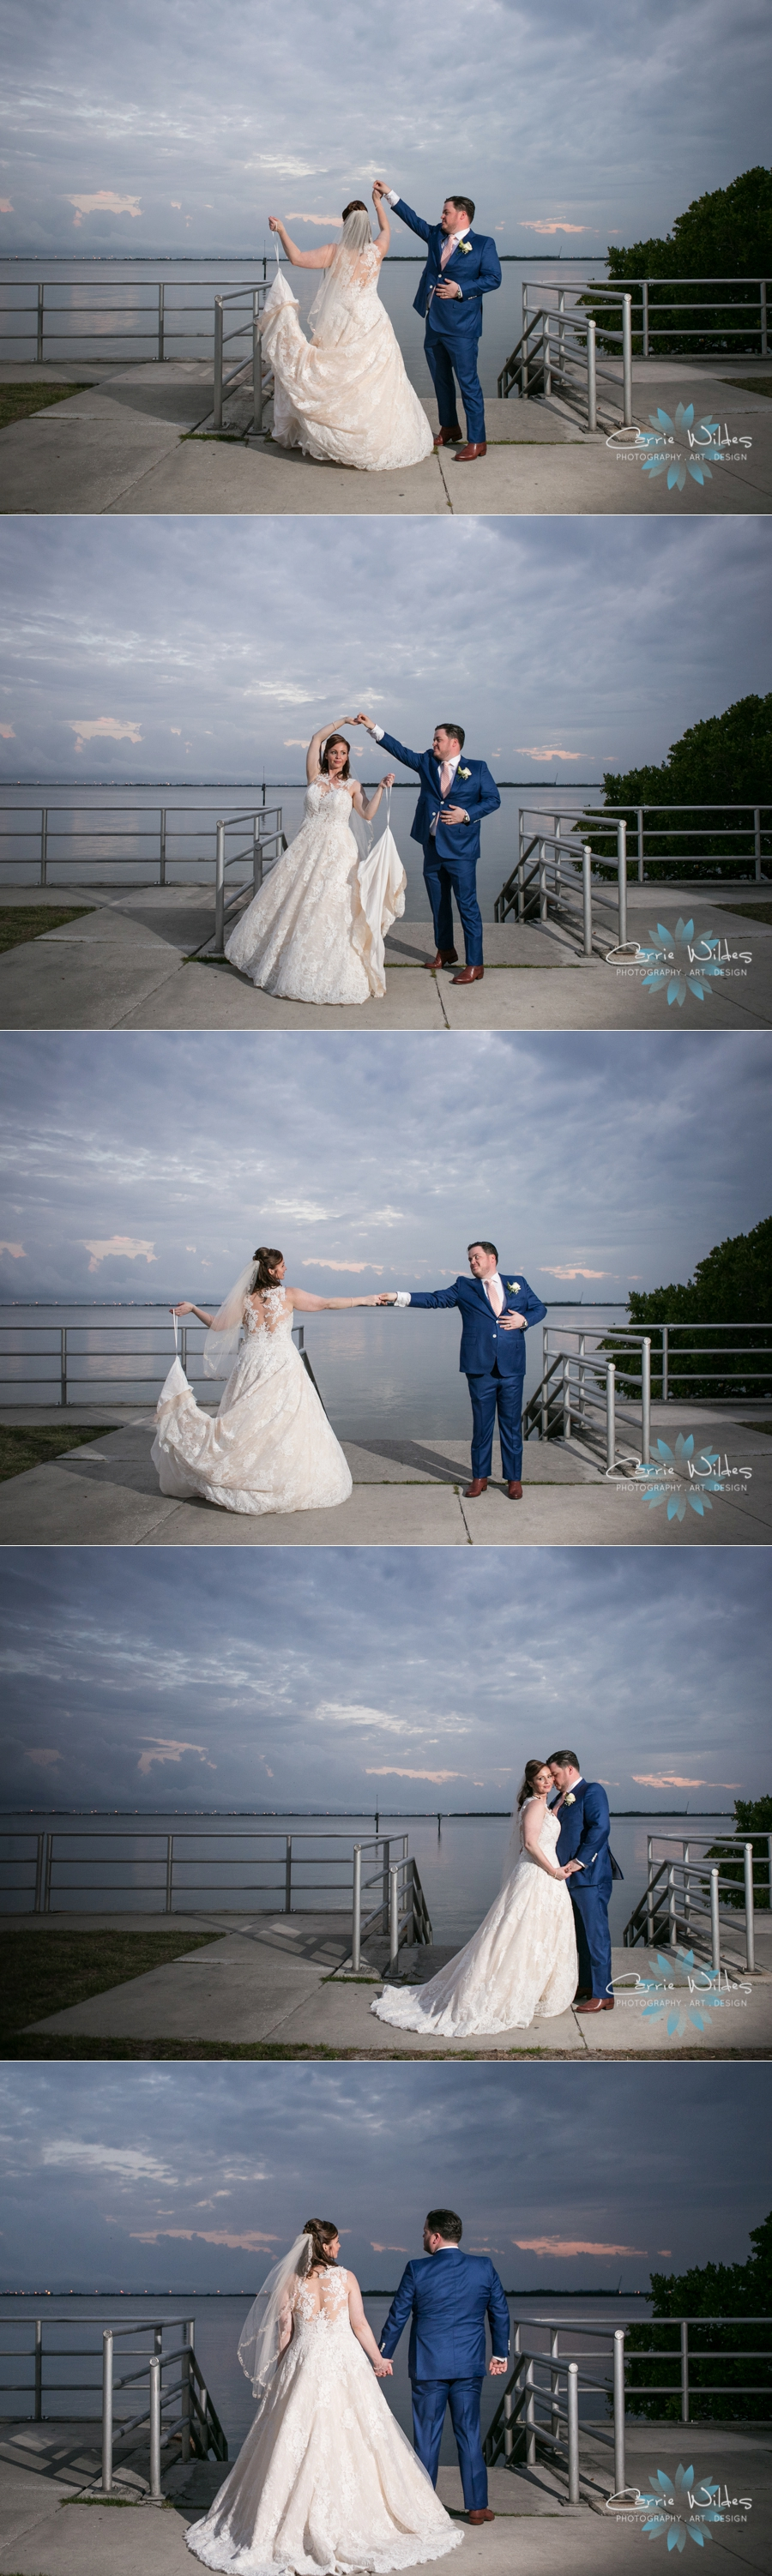 2_24_19 Jen and Daniel Harborside Chapel Wedding_0037.jpg